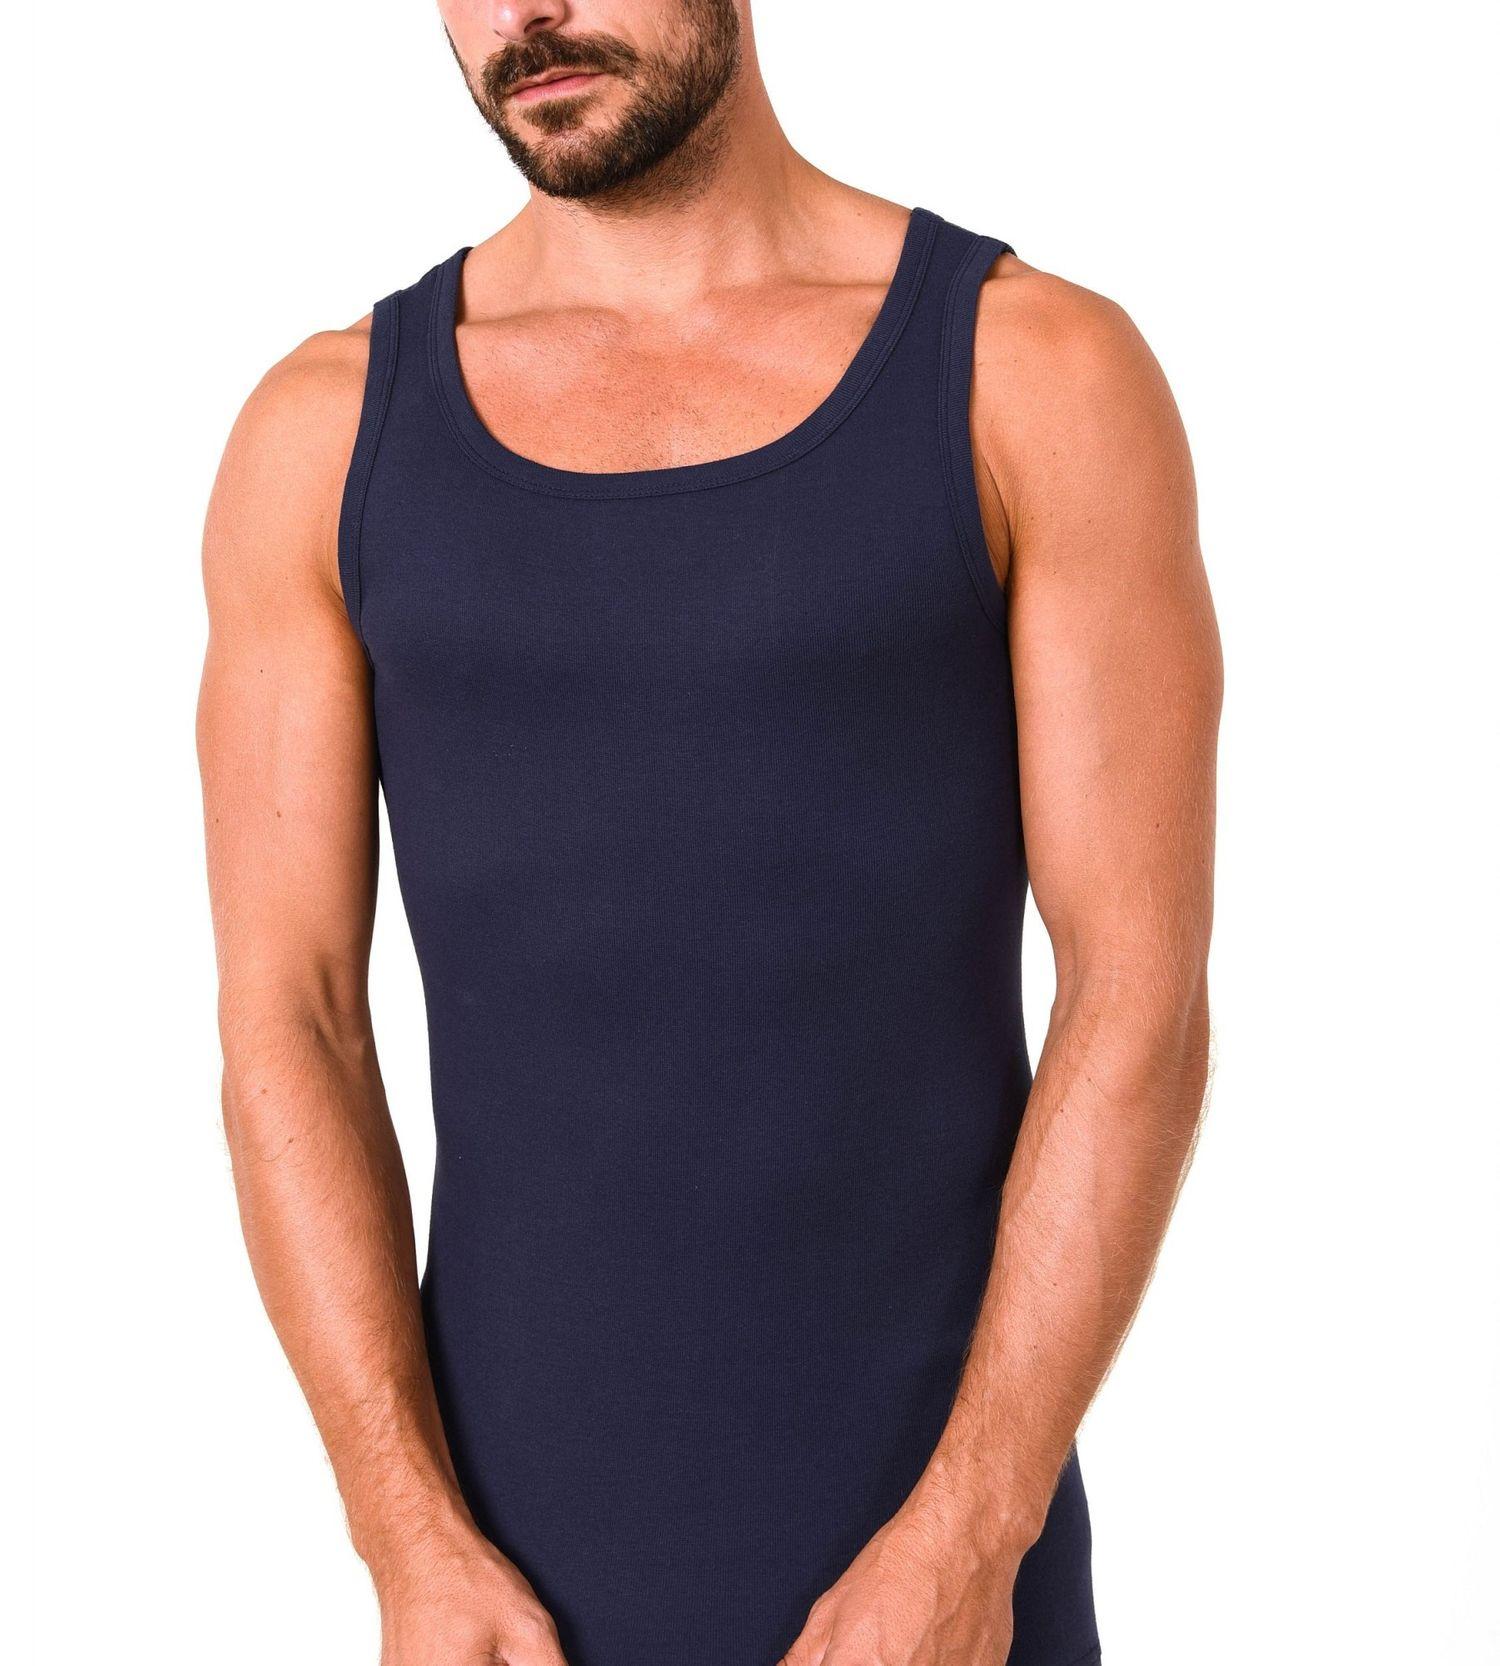 Herren Achselhemd Feinripp Tanktop Unterhemd 2erpack  aus 100 % Baumwolle 54981